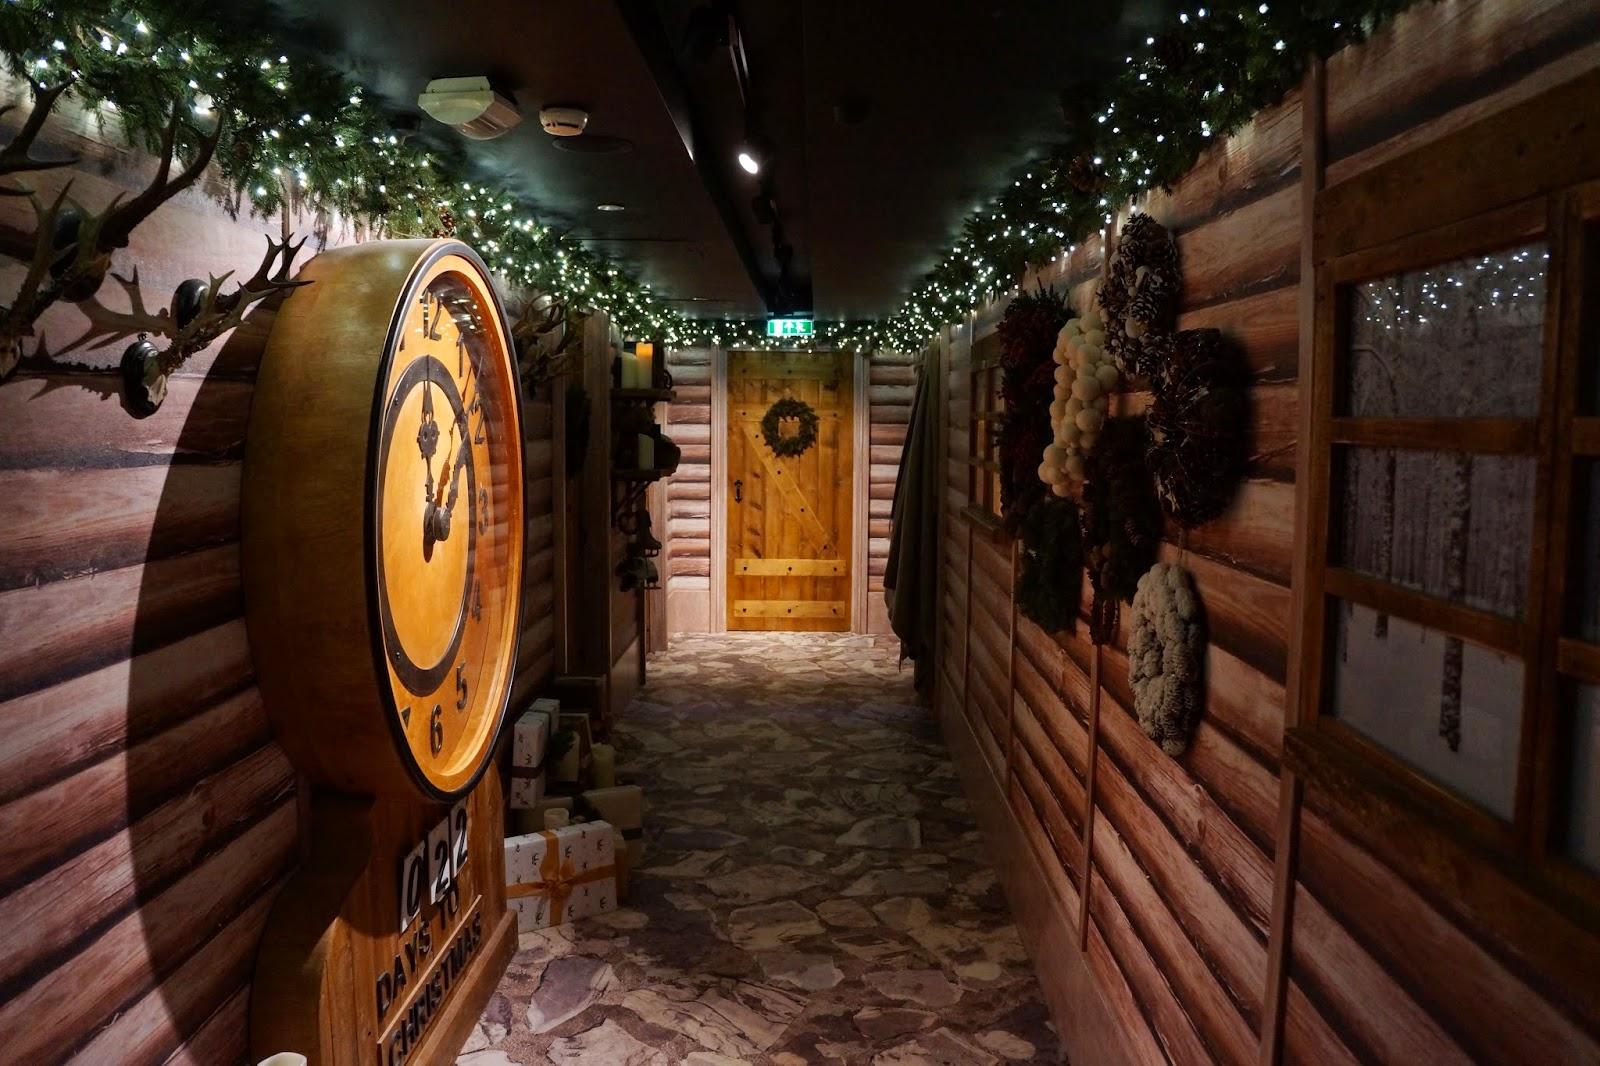 harrods christmas santa's grotto 2014 clock